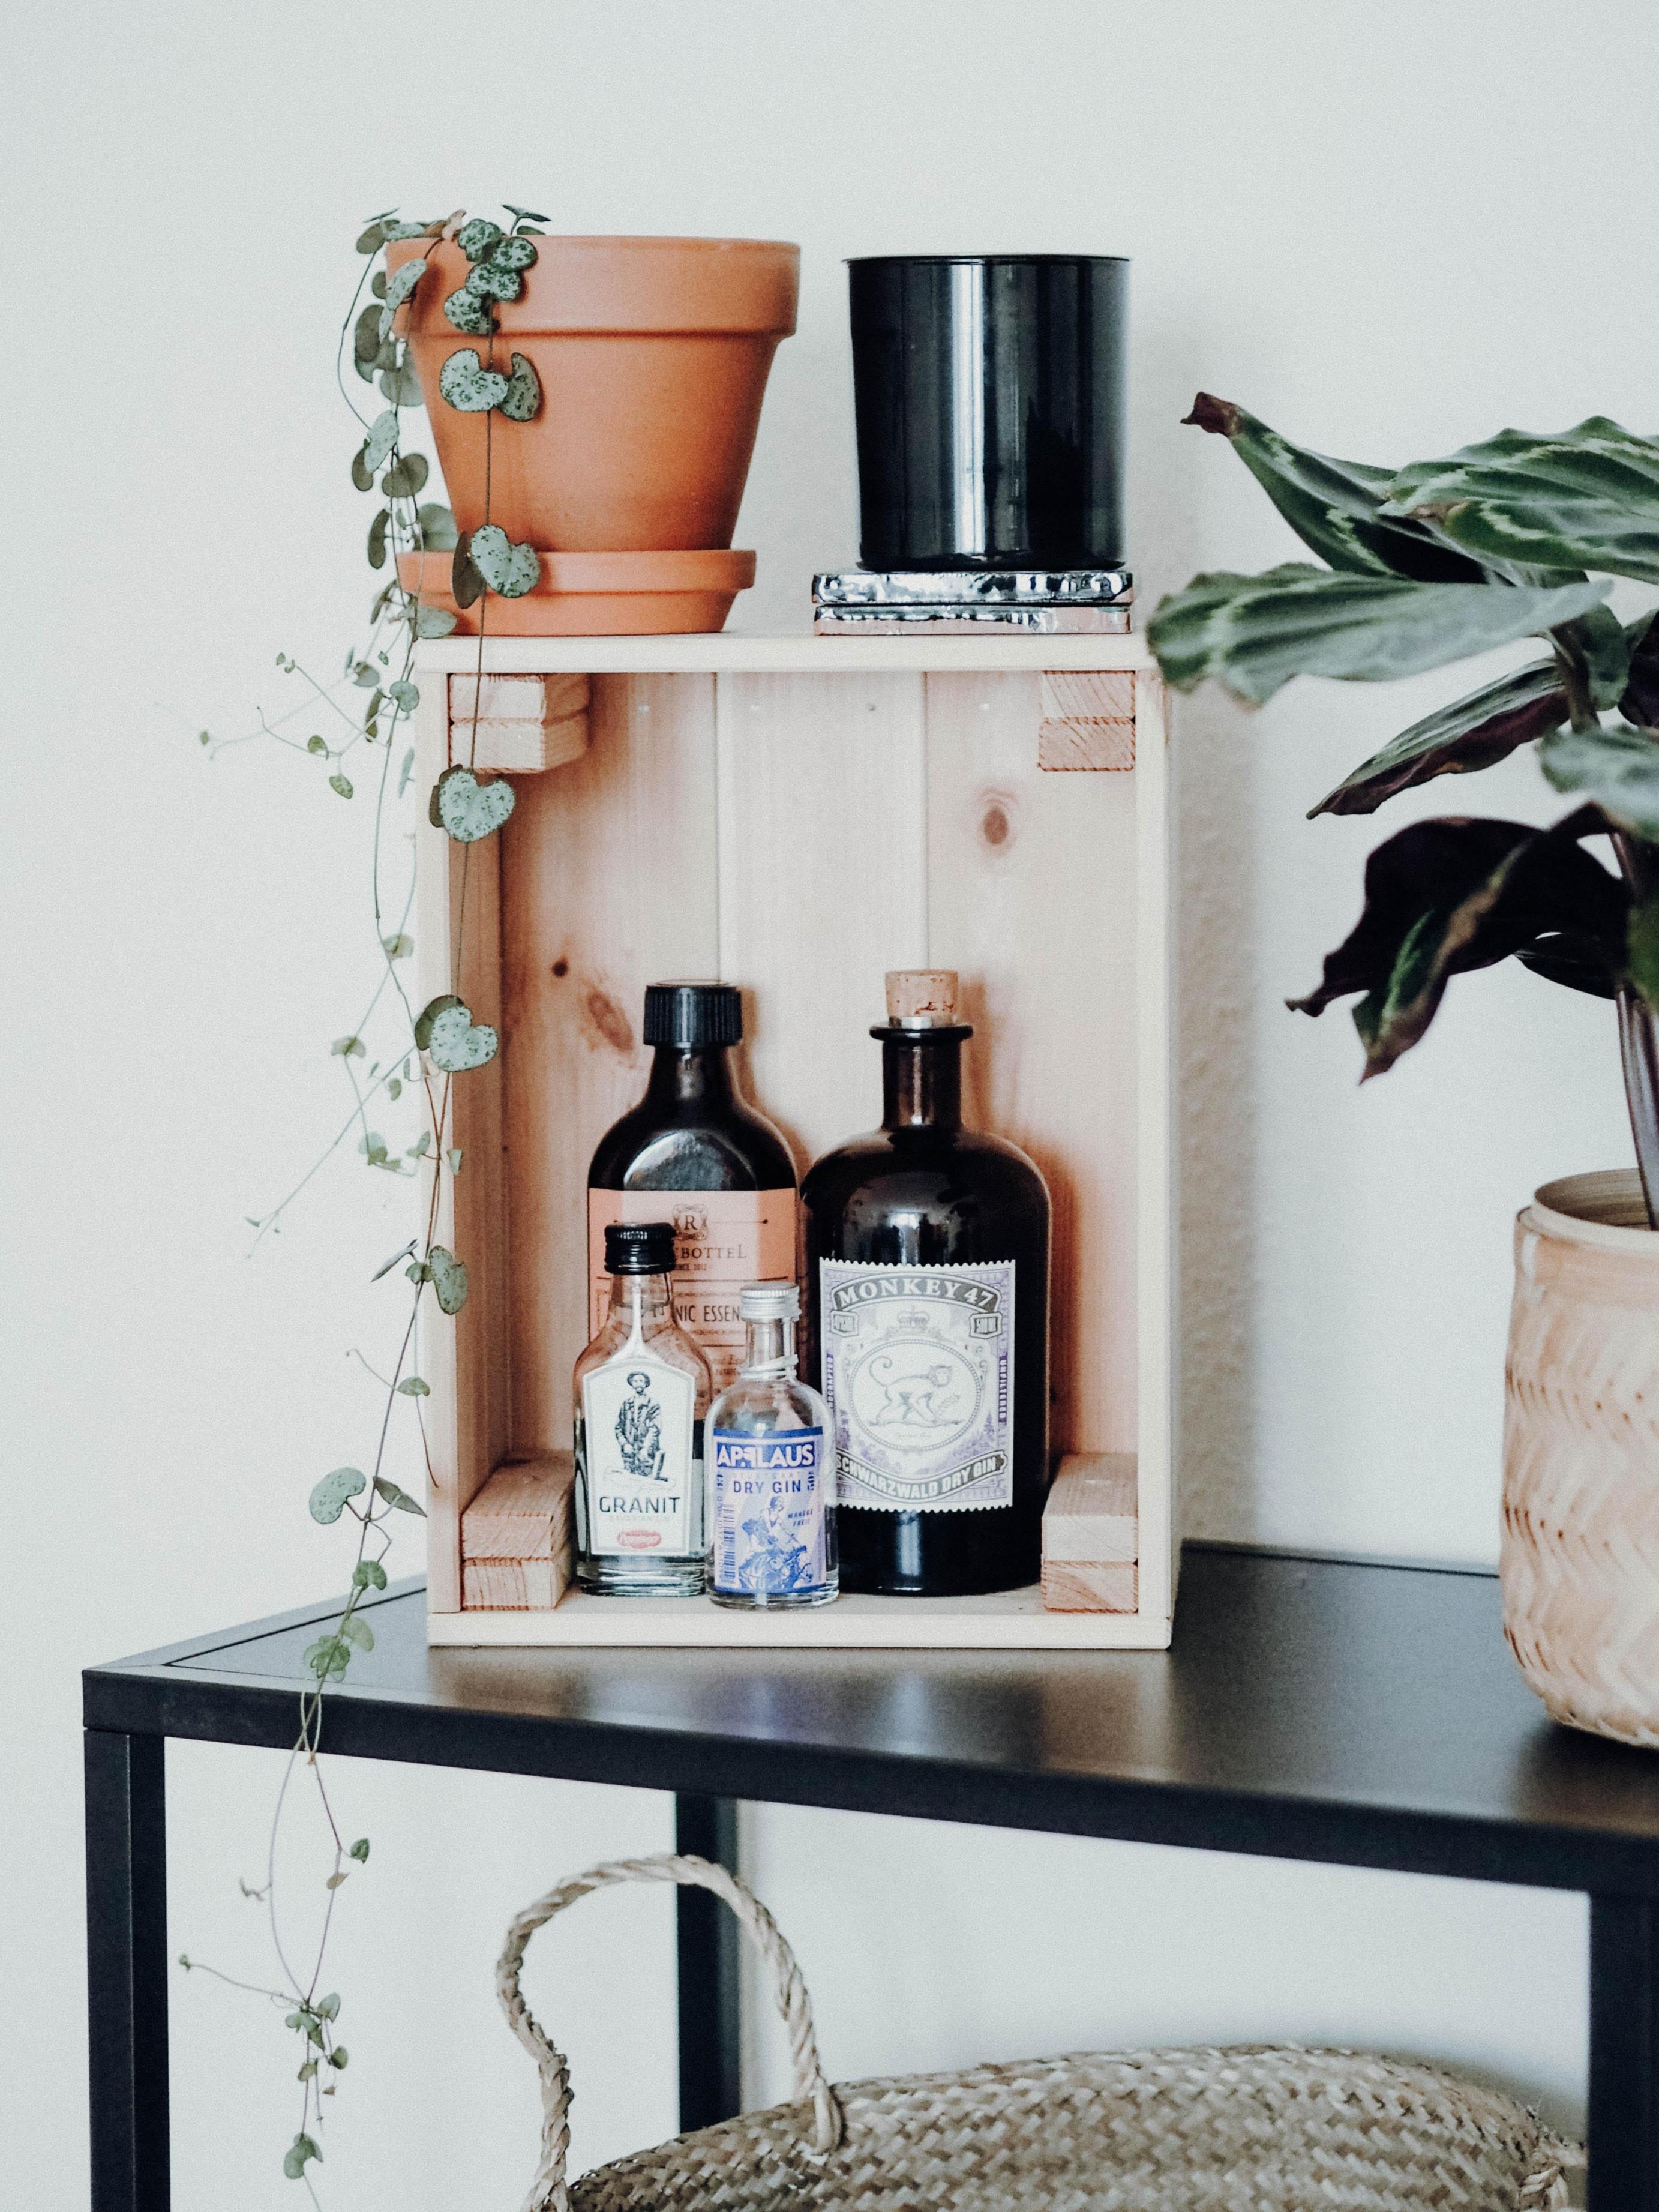 Wohnzimmerdekoideen Mach Es Dir Gemütlich von Wohnzimmer Dekorieren Ideen Bild